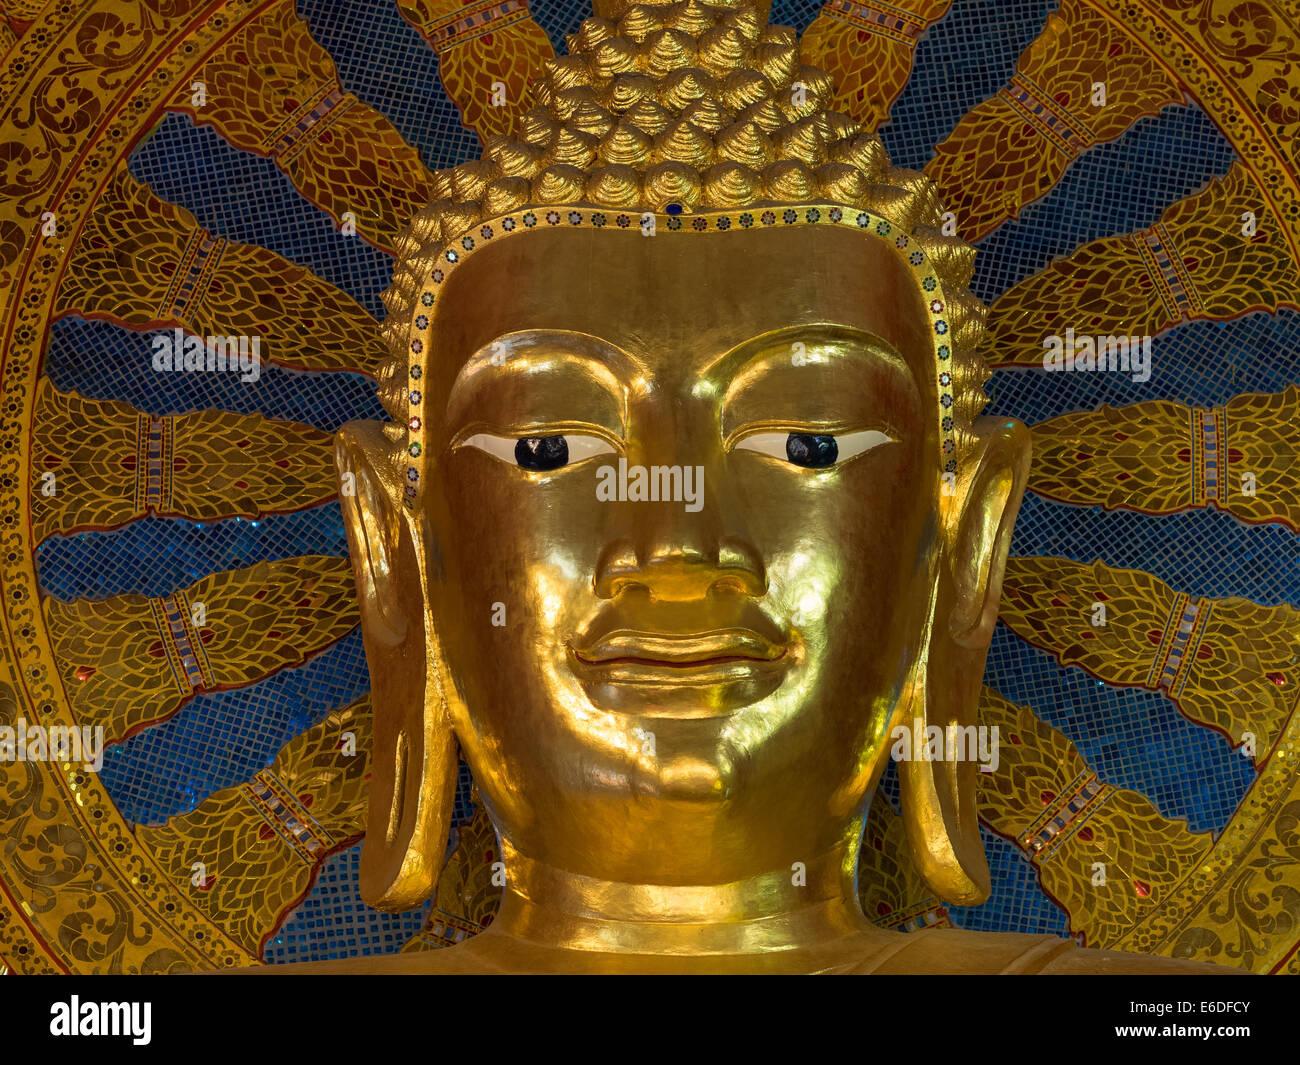 Buddha statue at Wat Phra Sing, Chiang Mai, Thailand - Stock Image